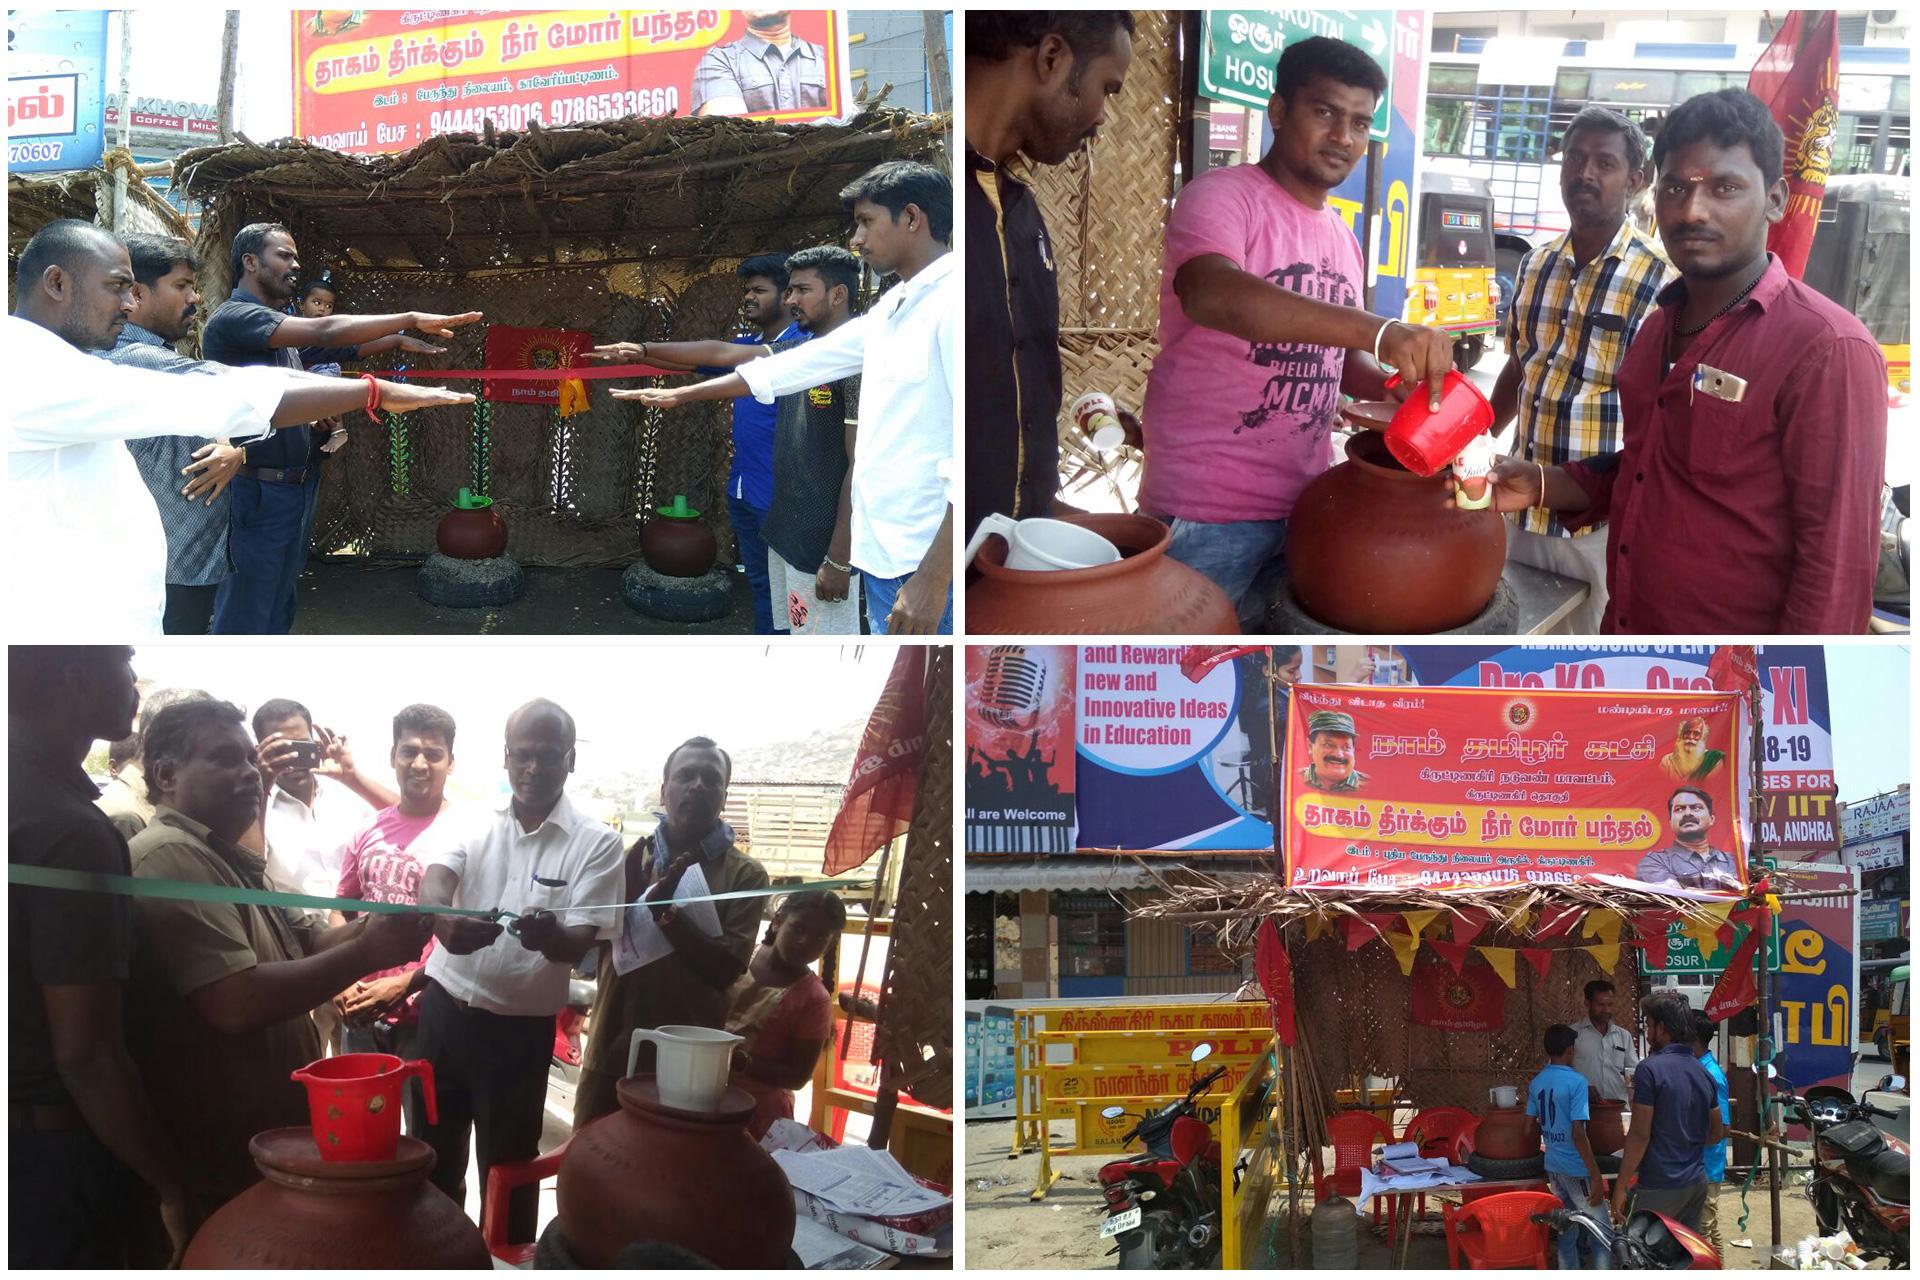 கிருட்டிணகிரி மாவட்டத்தில் பல்வேறு இடங்களில் தாகம் தீர்க்கும் நீர்-மோர் பந்தல் திறப்பு naam tamilar katchi kaveripattinam neer mor panthal